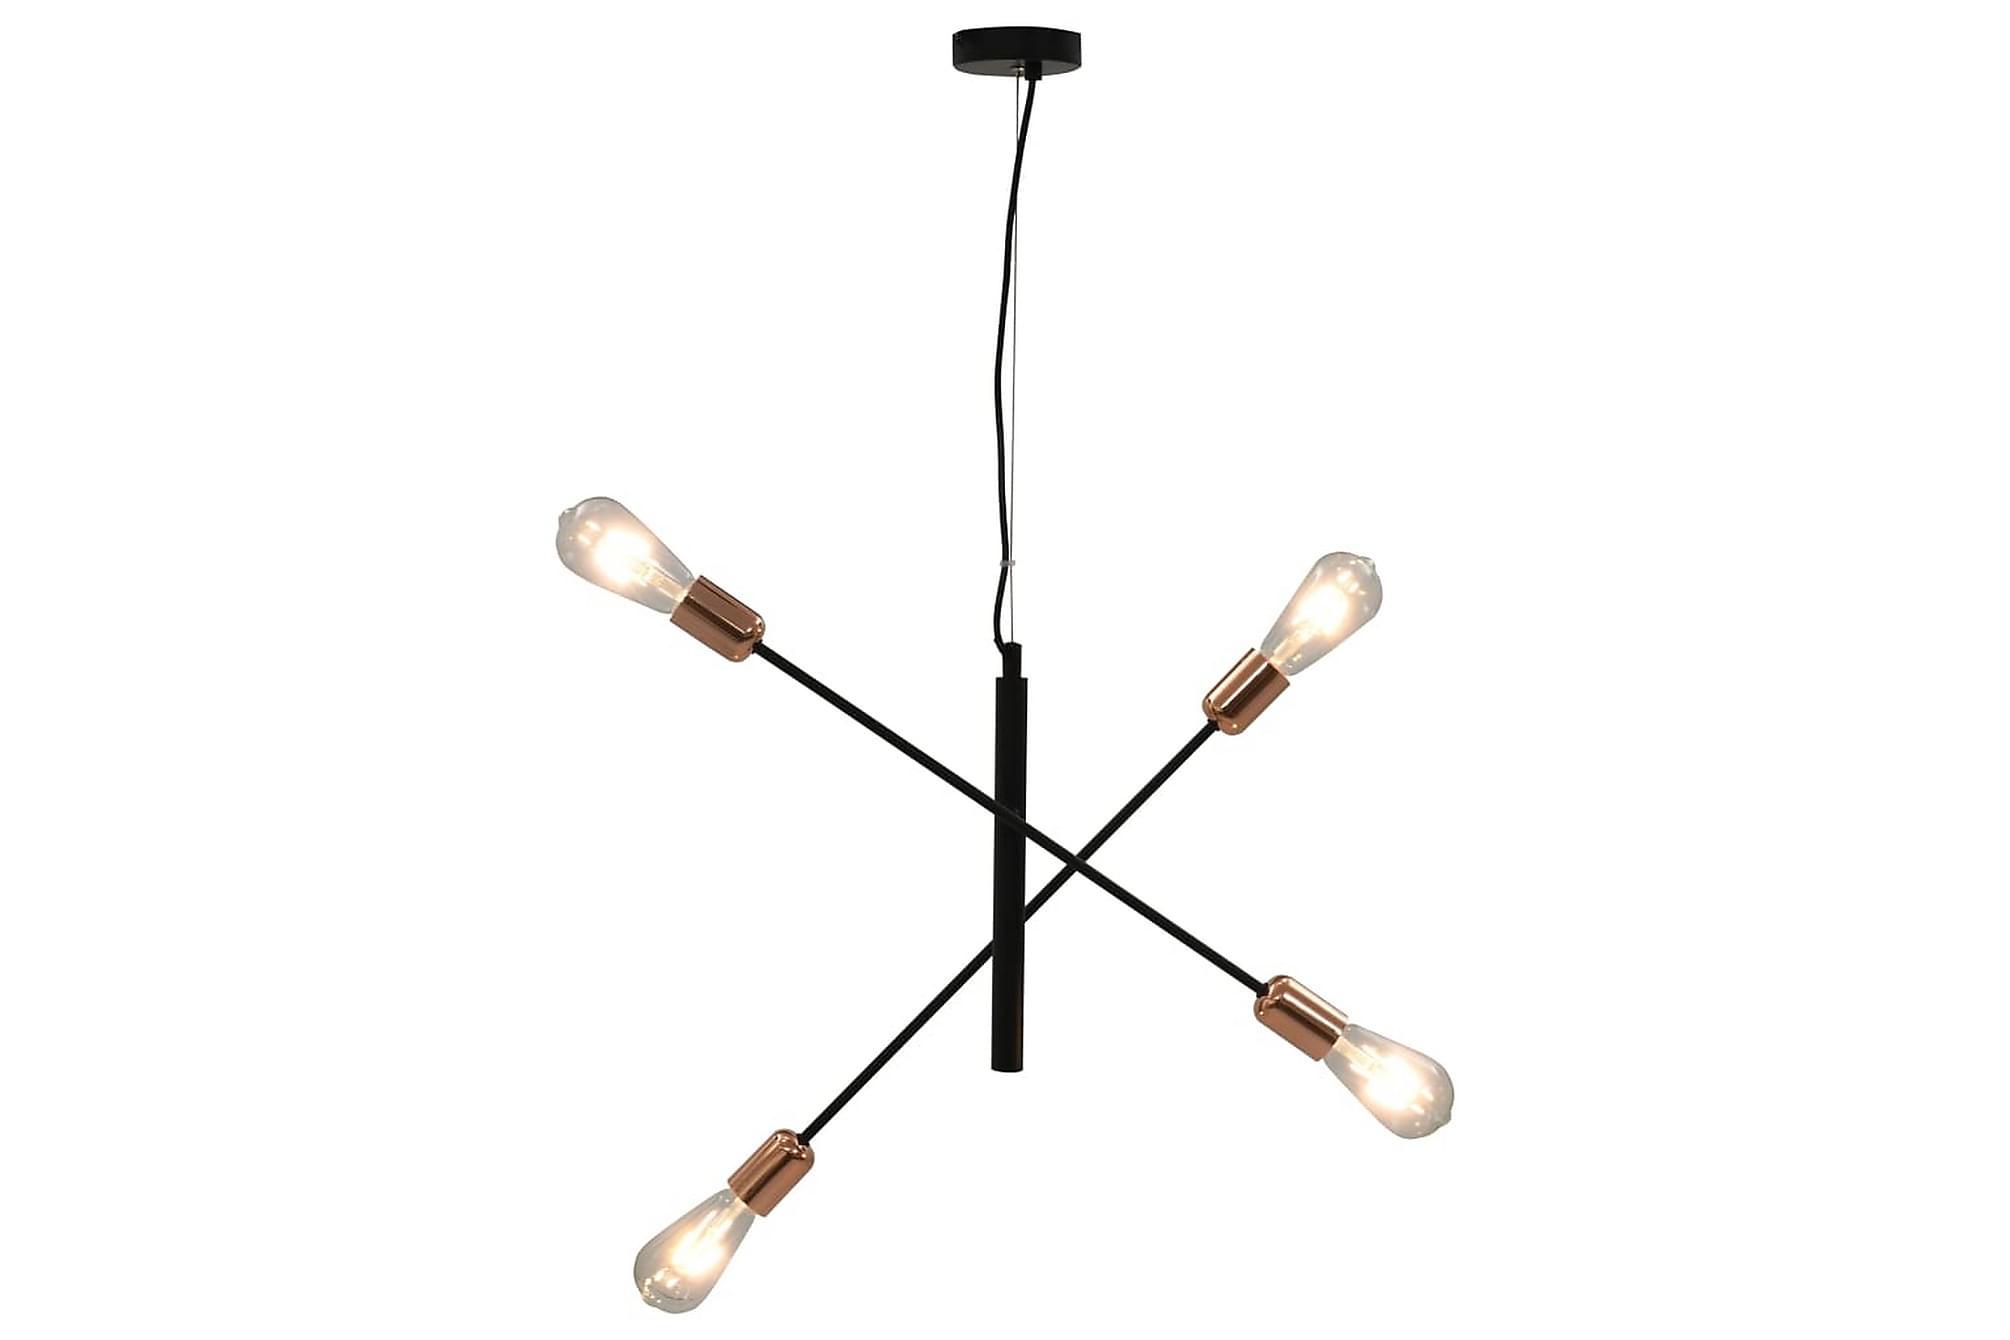 Taklampa med glödlampor 2 W svart och koppar E27, Taklampor